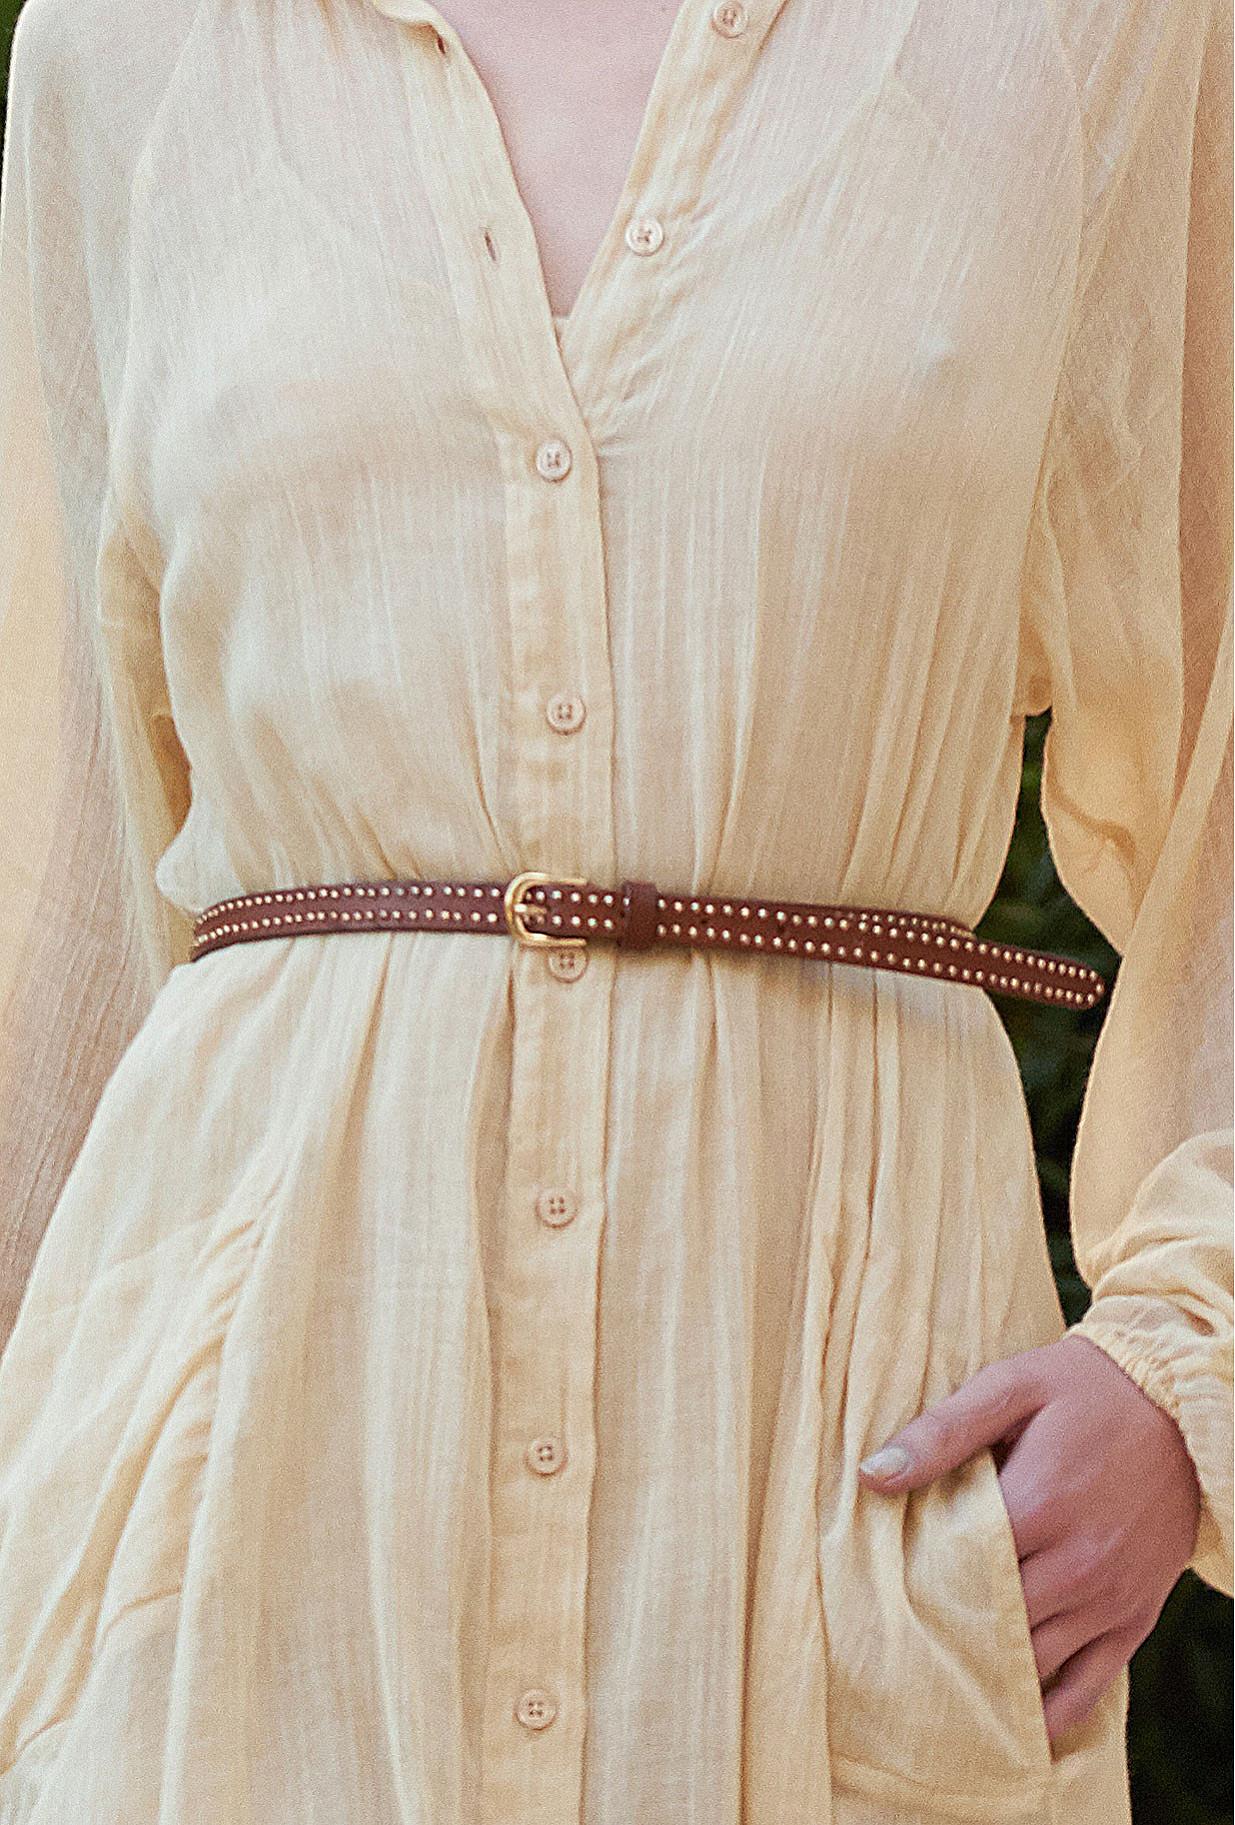 Cognac  Belt  Renegade Mes demoiselles fashion clothes designer Paris